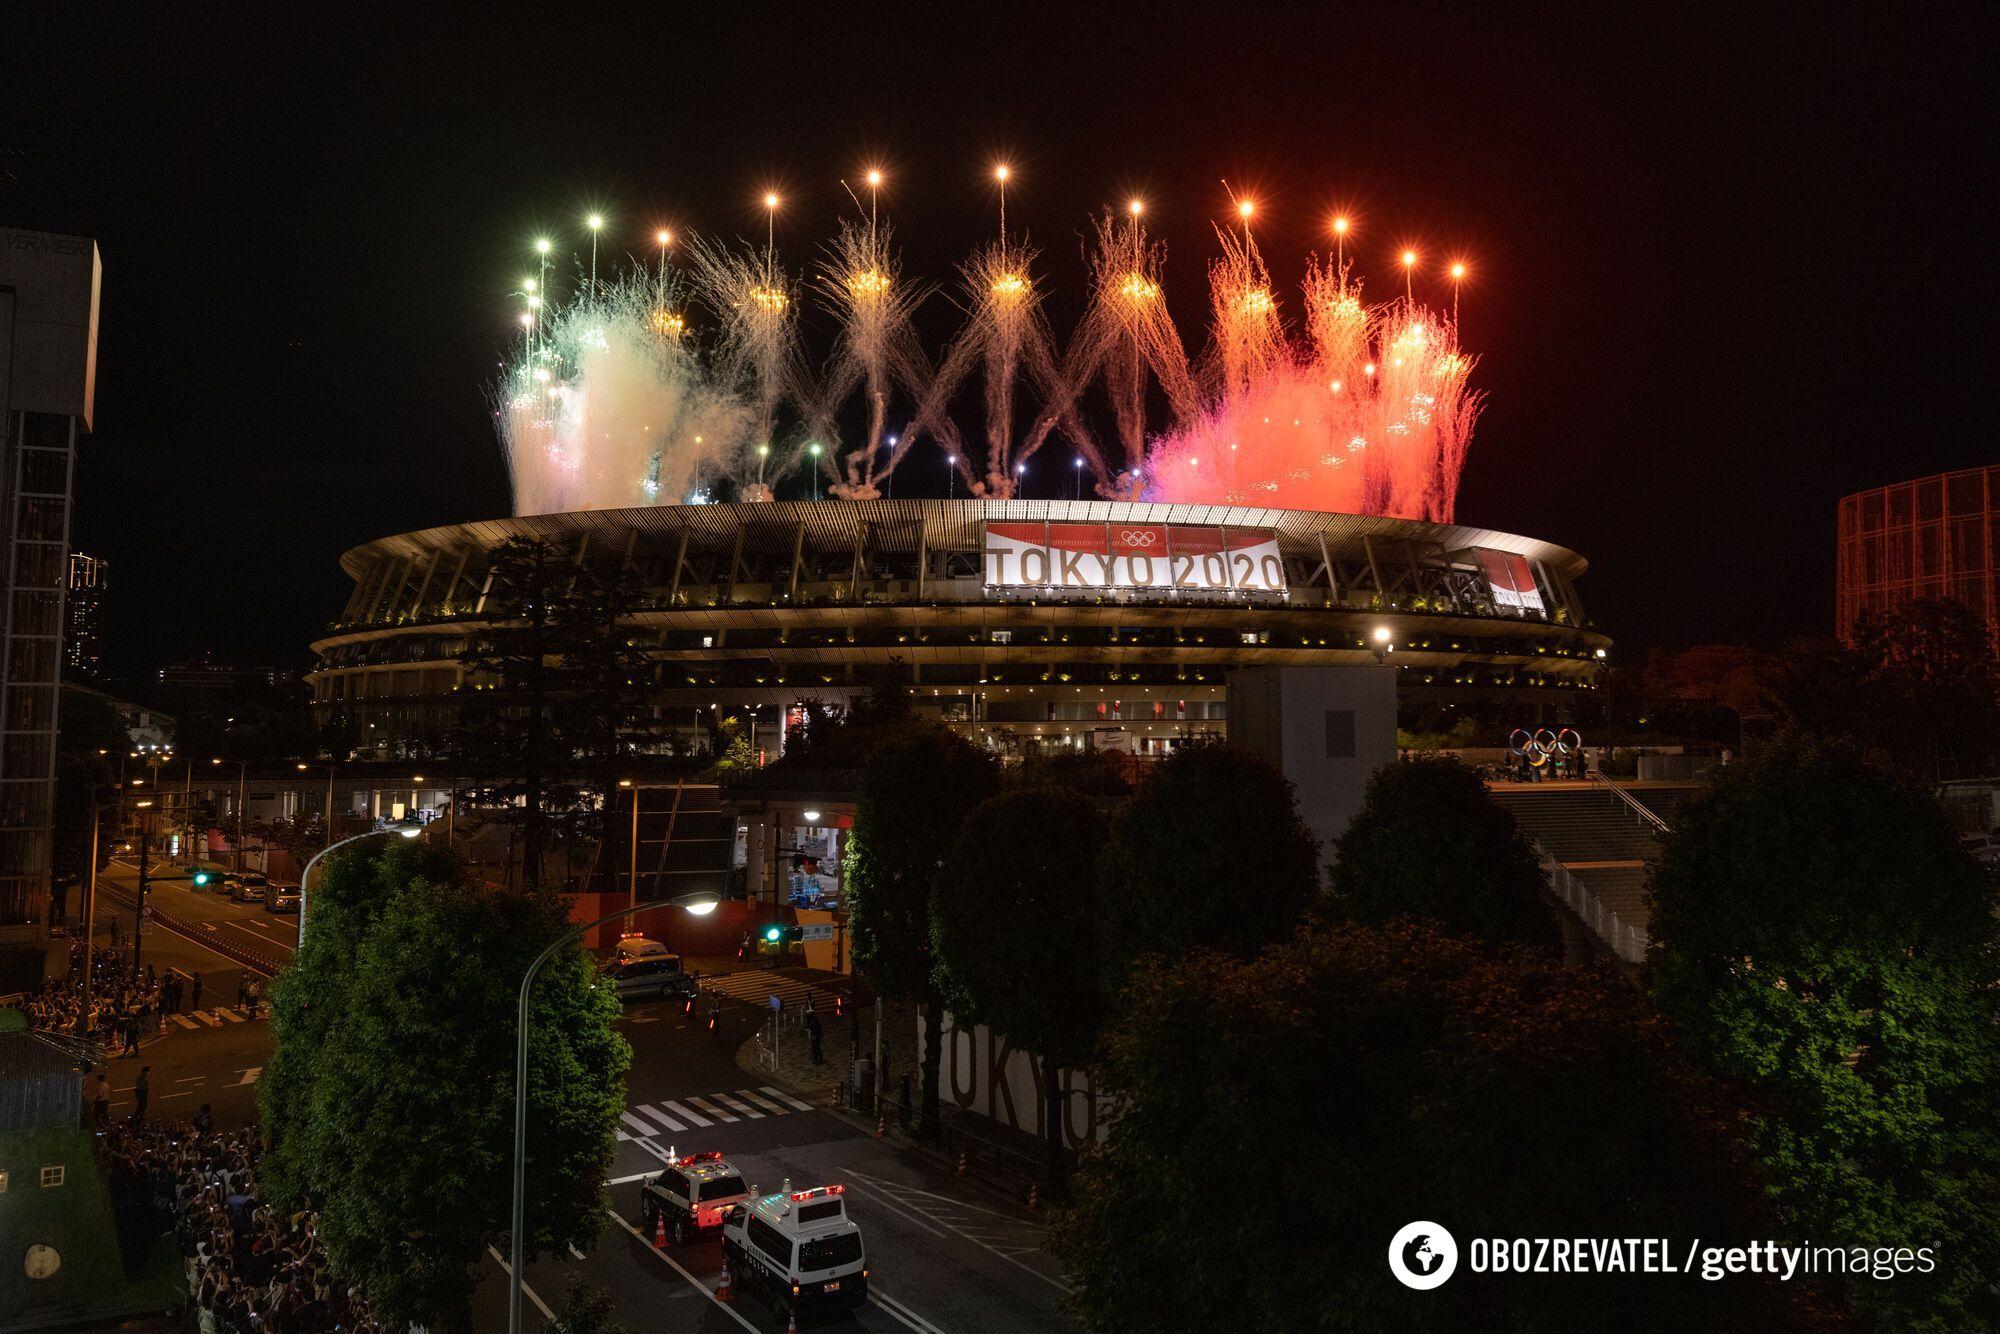 В Токио прогремел салют на закрытии Игр-2020.